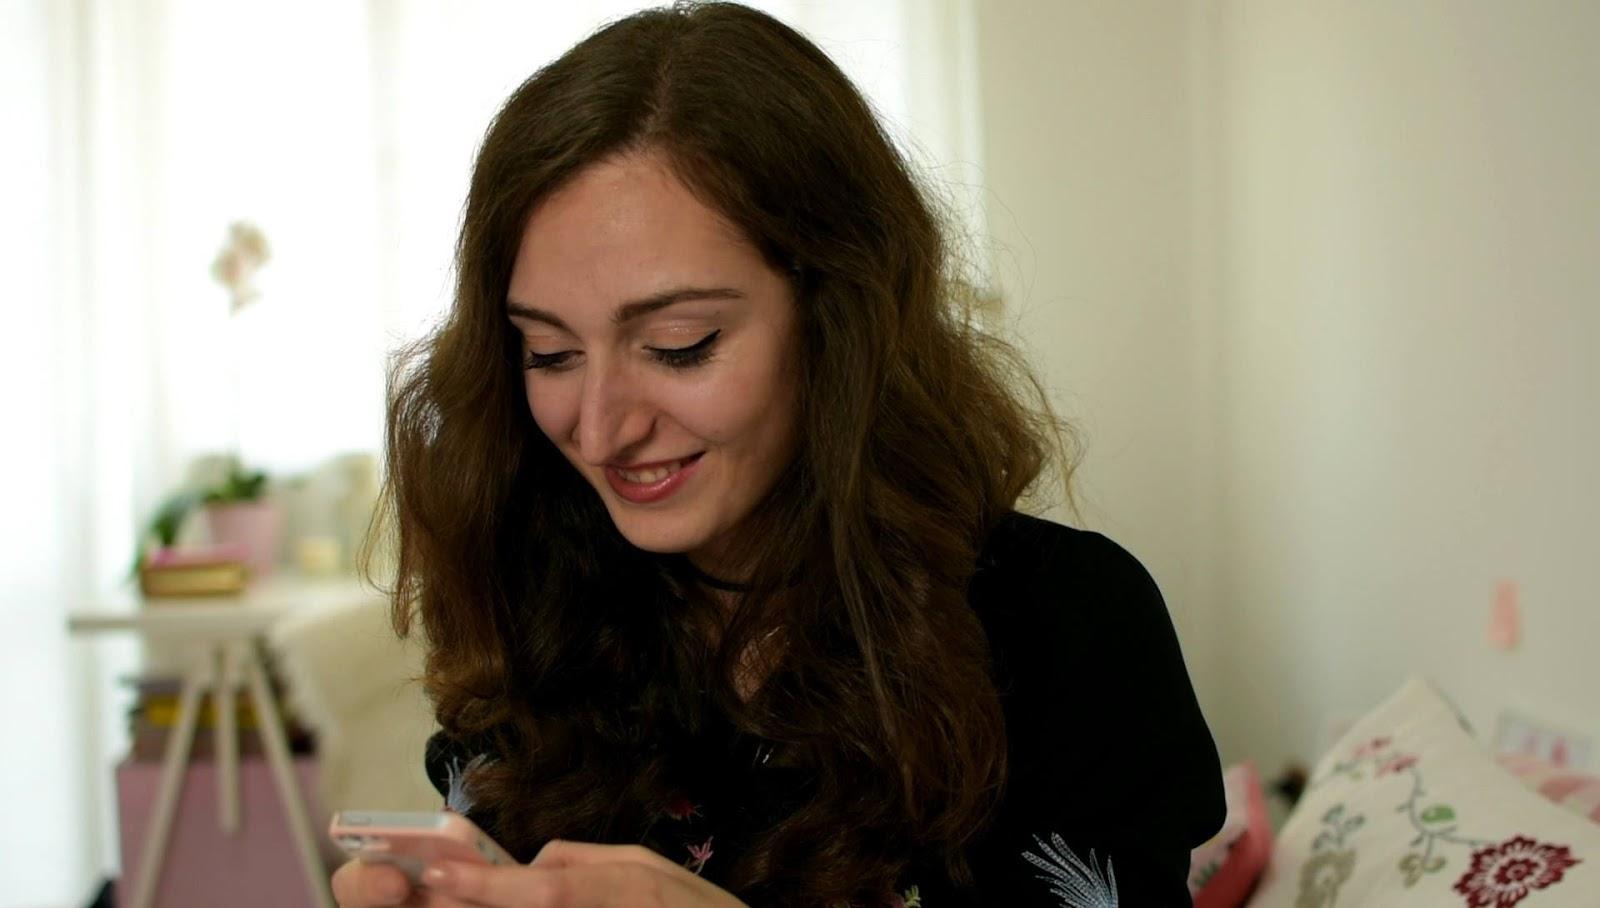 Video intervista Grazia Ventrella con PES Produzioni, CaraPescara